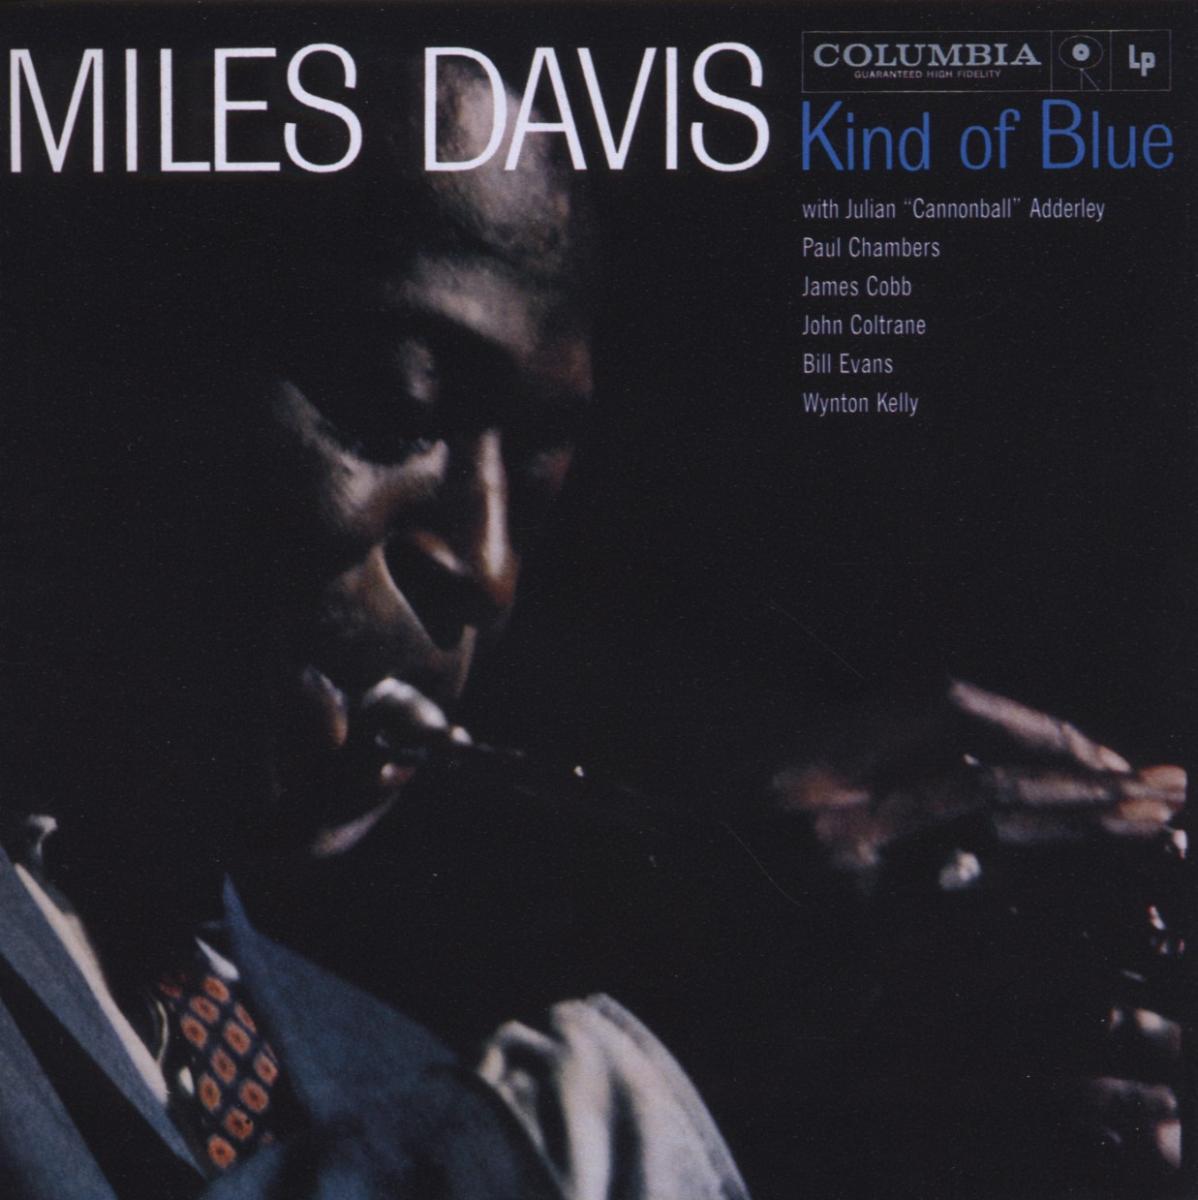 Kind of Blue - Miles Davis - Musik - COLUMBIA - 0886974392323 - 11/2-2009